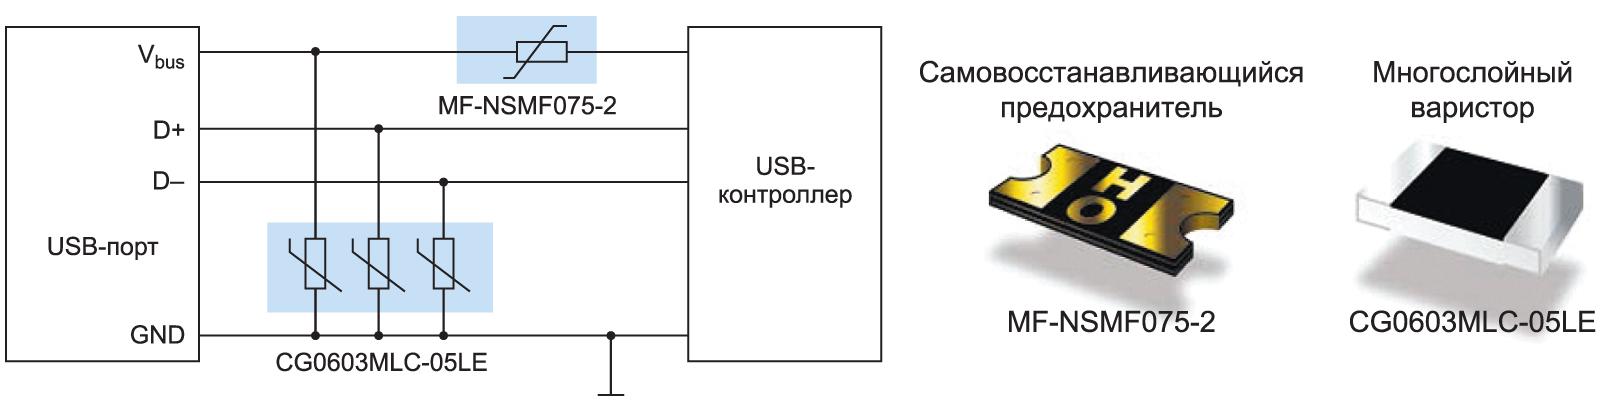 Типовая организация ESD-защиты интерфейса USB 2.0 на элементах CG0603MLC-05LE серии ChipGuard